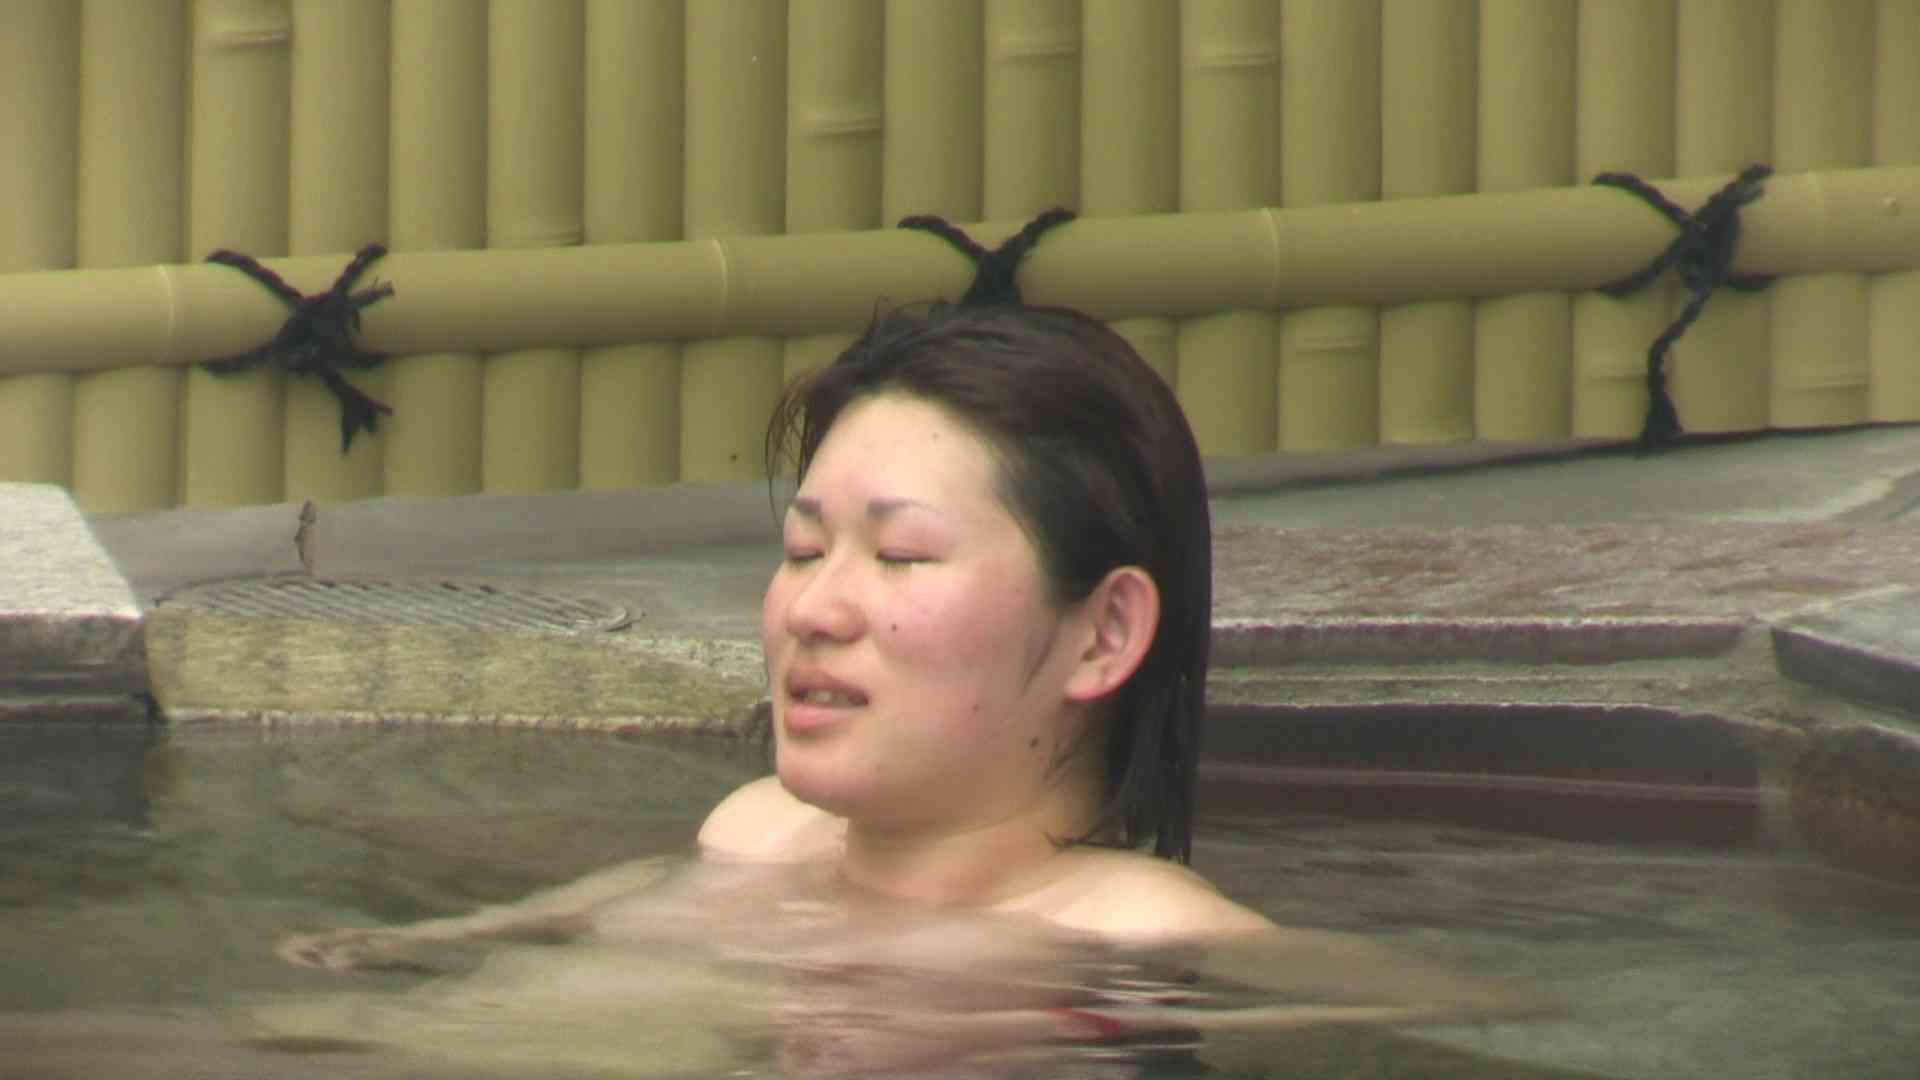 Aquaな露天風呂Vol.673 美しいOLの裸体  99pic 54